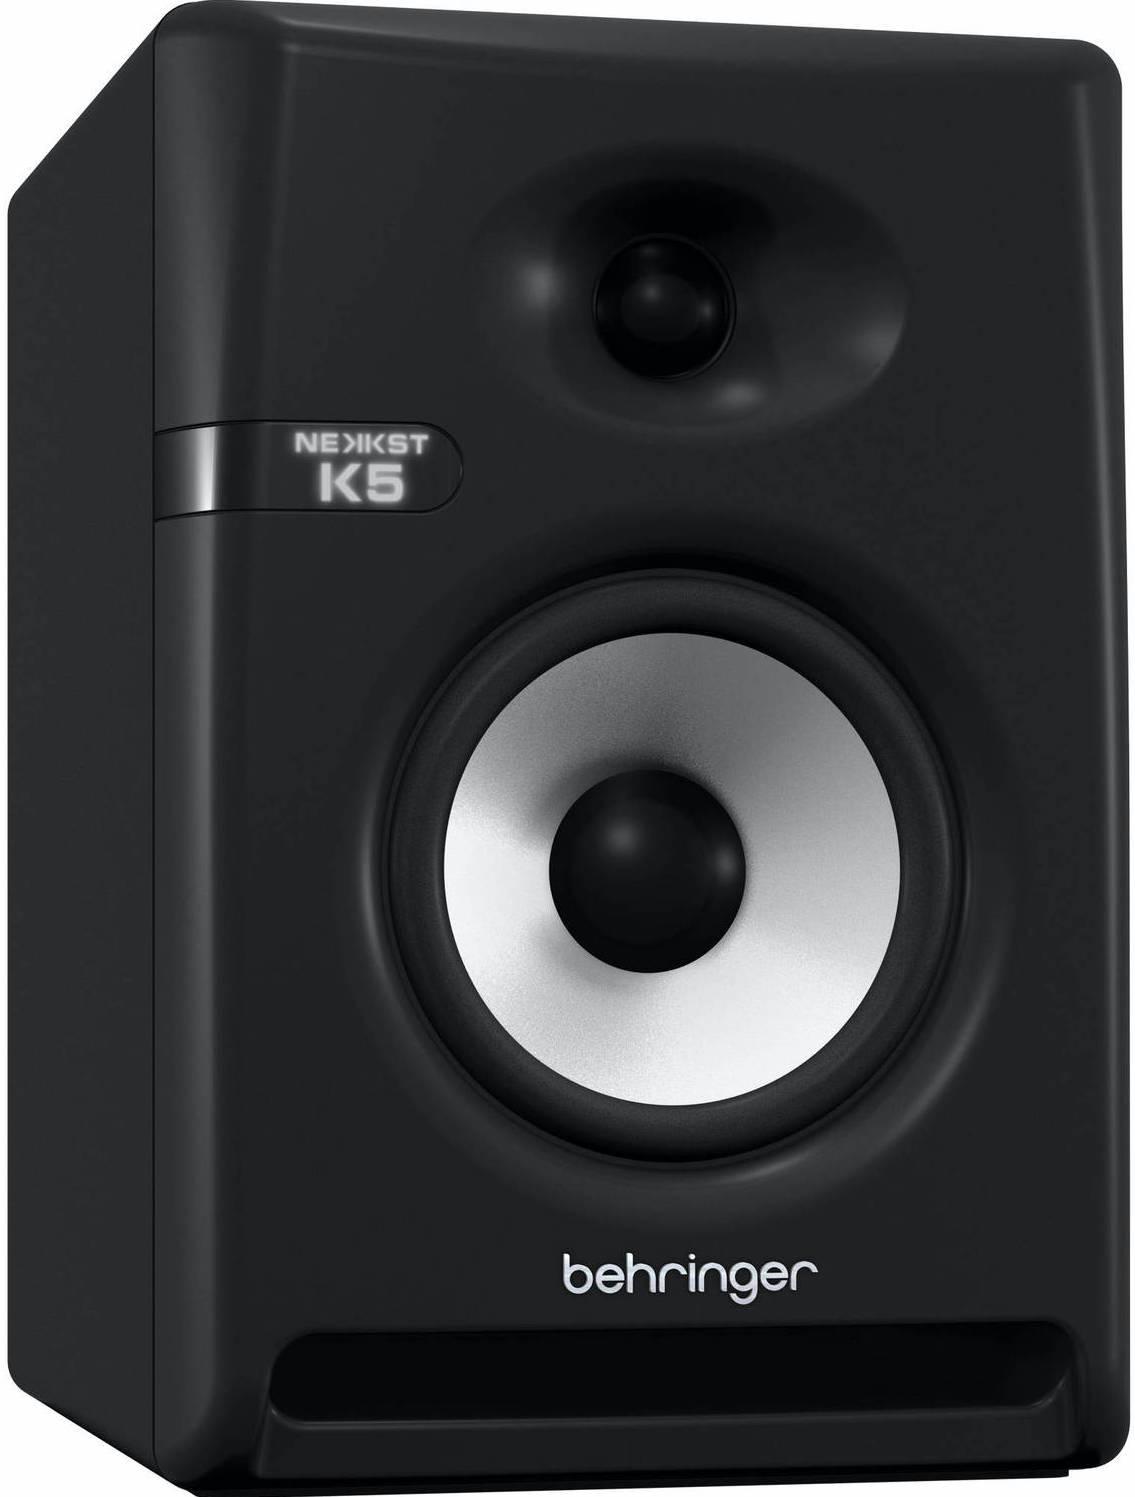 behringer-k5-nekkst-studio-monitors-5in.jpeg